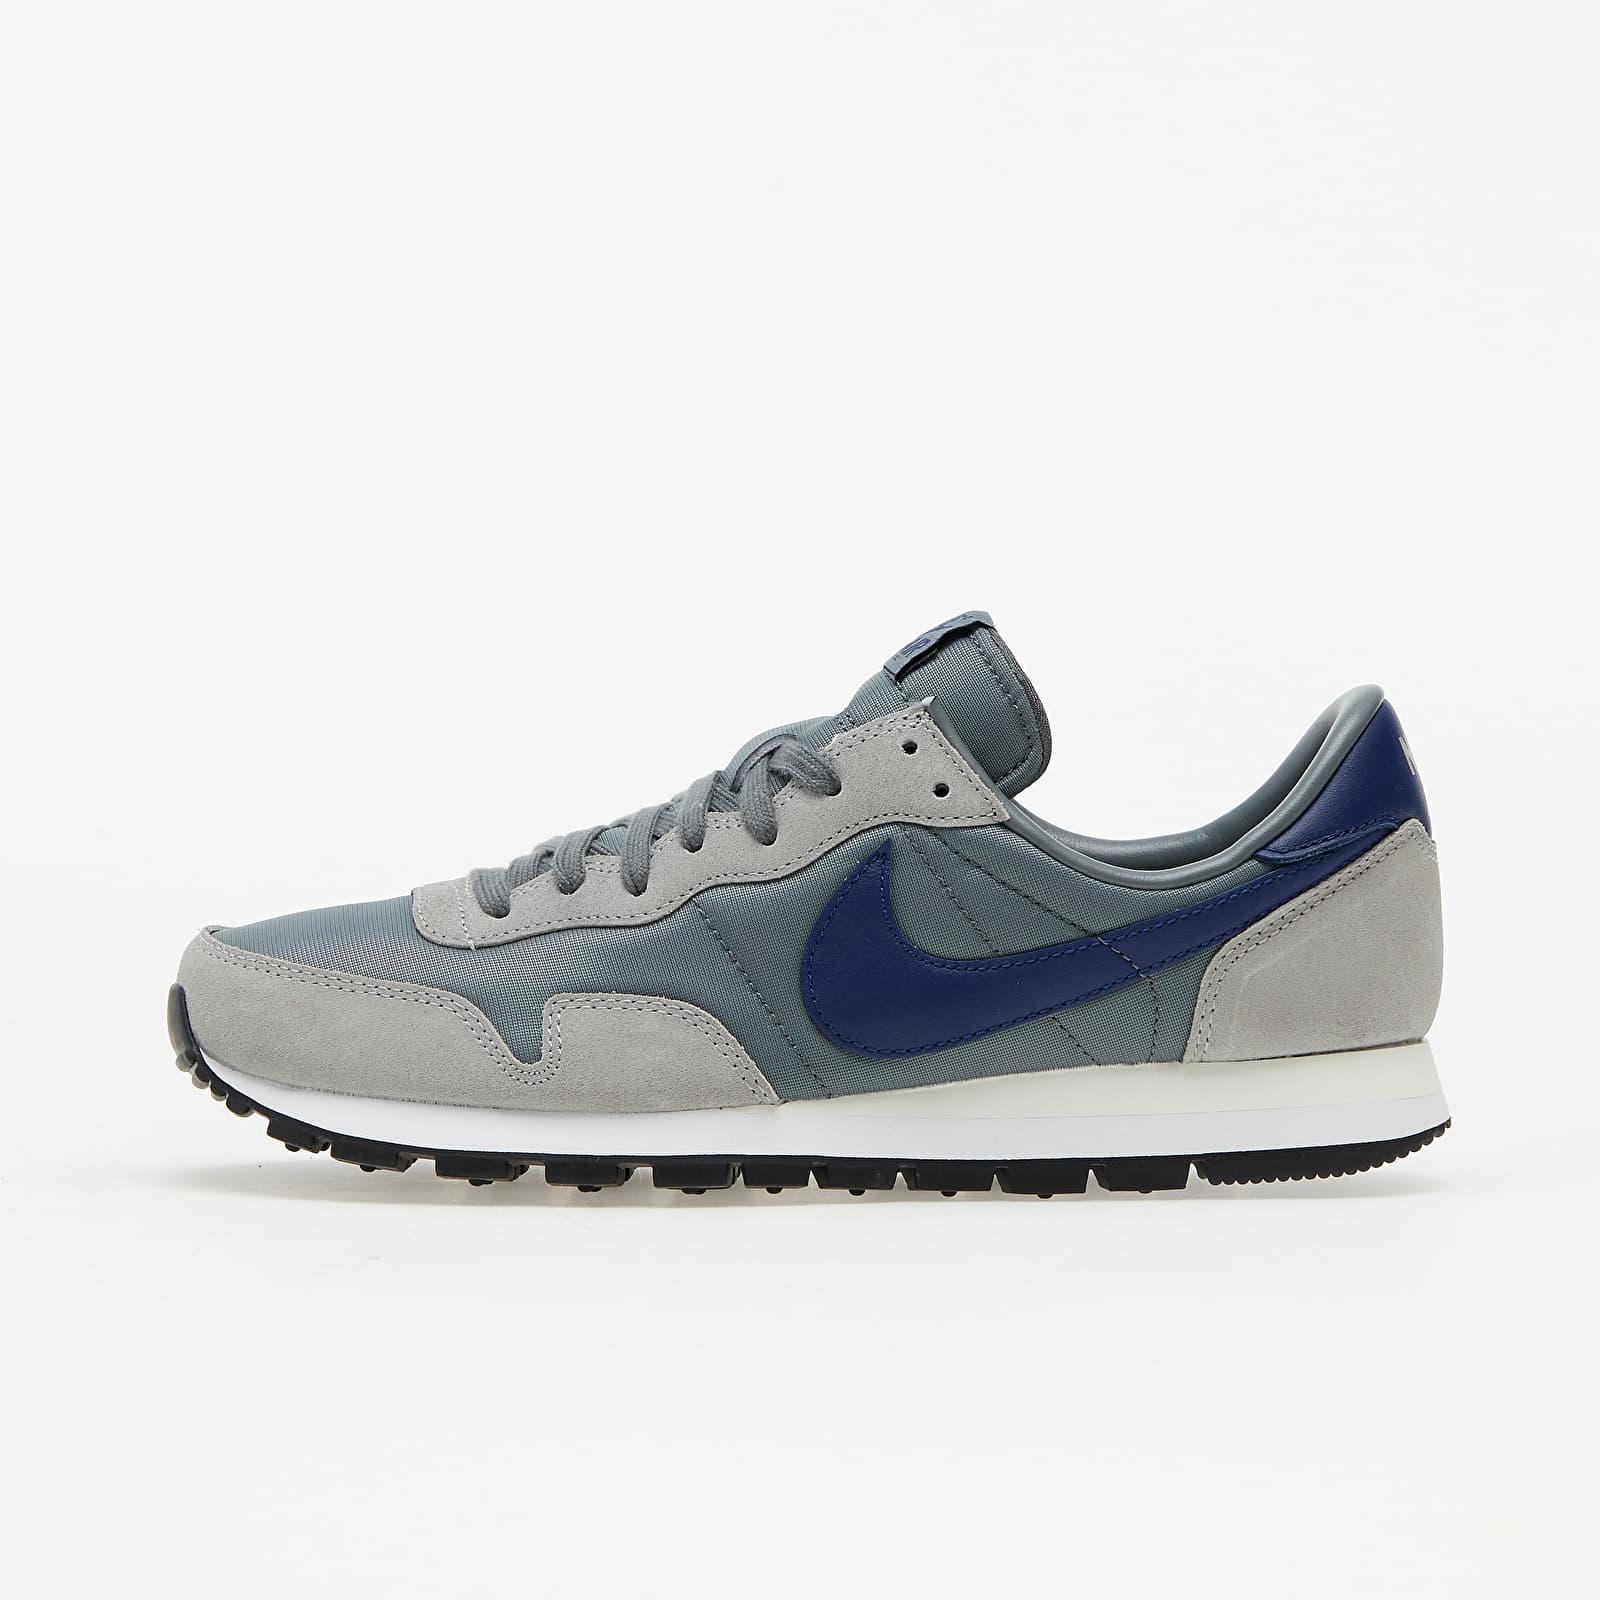 Nike Air Pegasus '83 Smoke Grey/ Blue Void-Lt Smoke Grey-White DJ6892-001